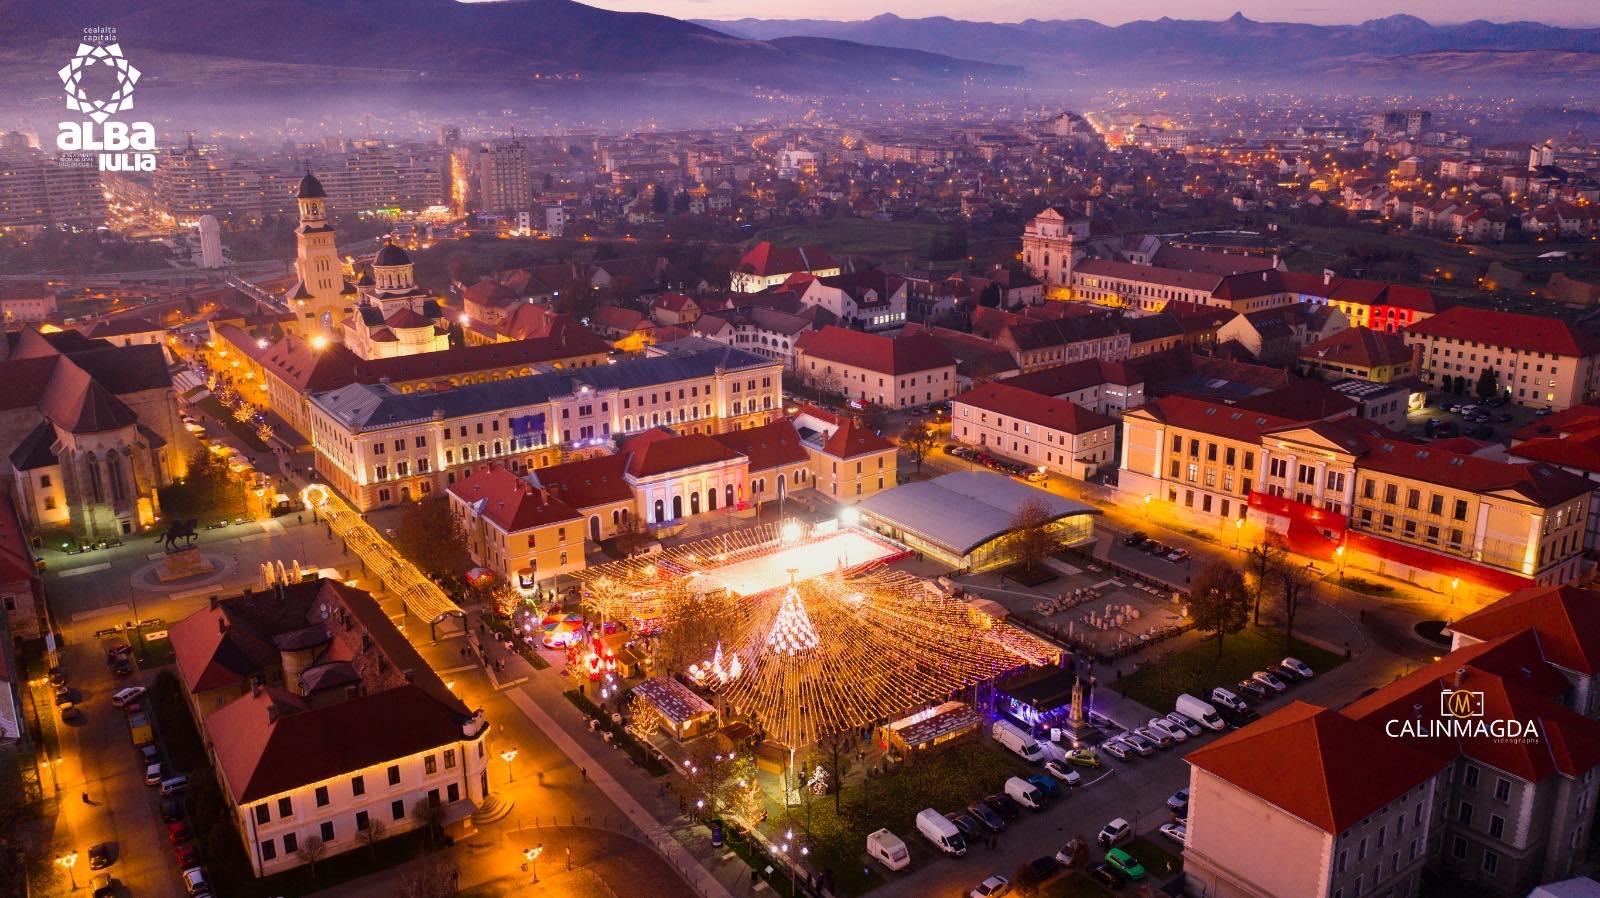 Alba Iulia: Programul evenimentelor din Parcul Sărbătorilor de Iarnă